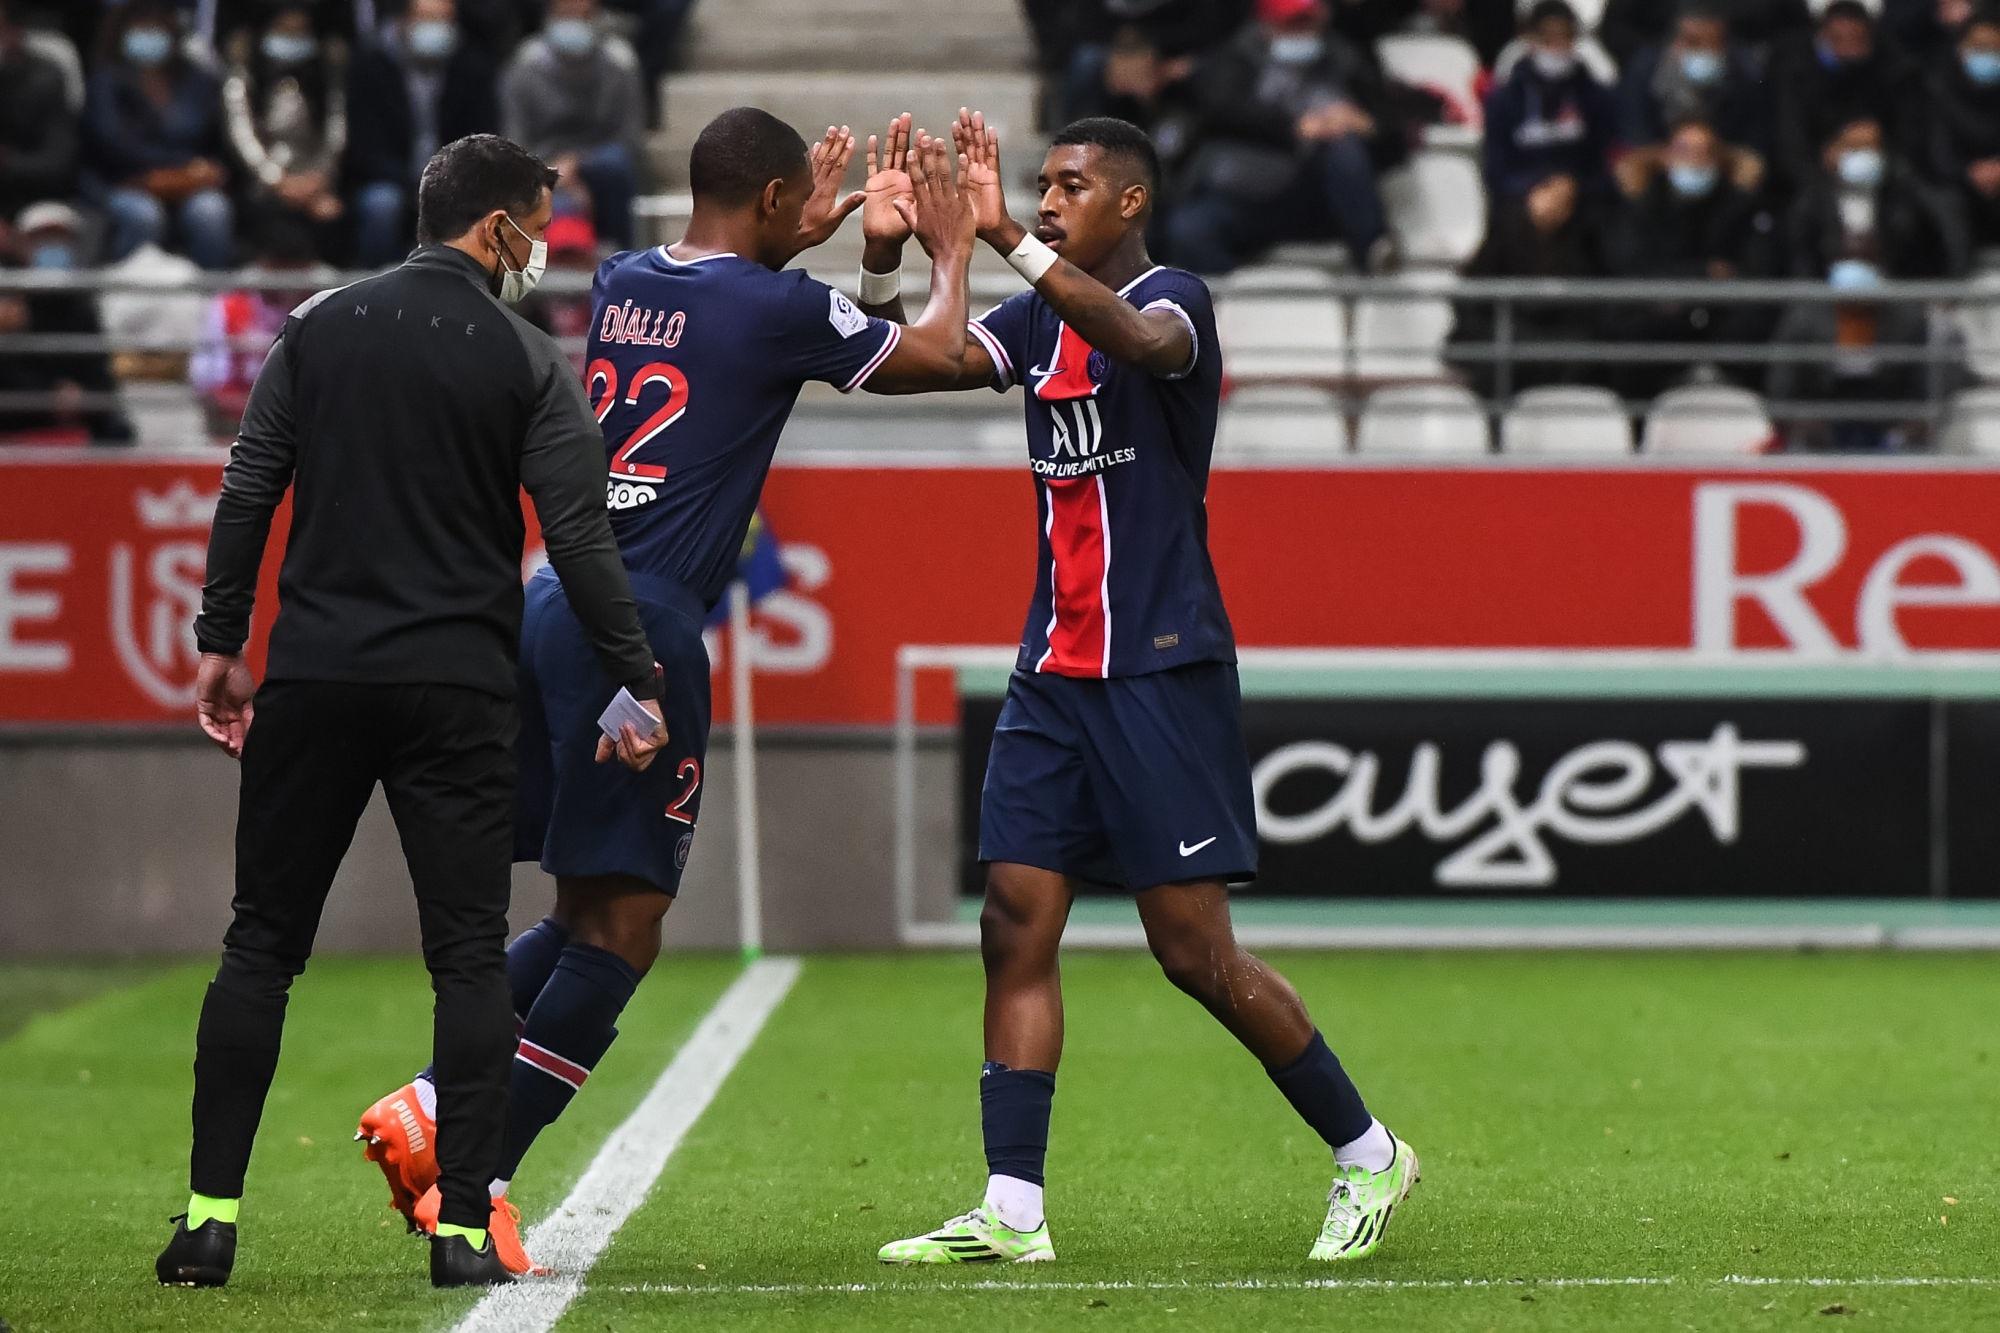 """PSG/Angers - Diallo, ravi de jouer, souligne la belle """"maitrise"""" parisienne"""